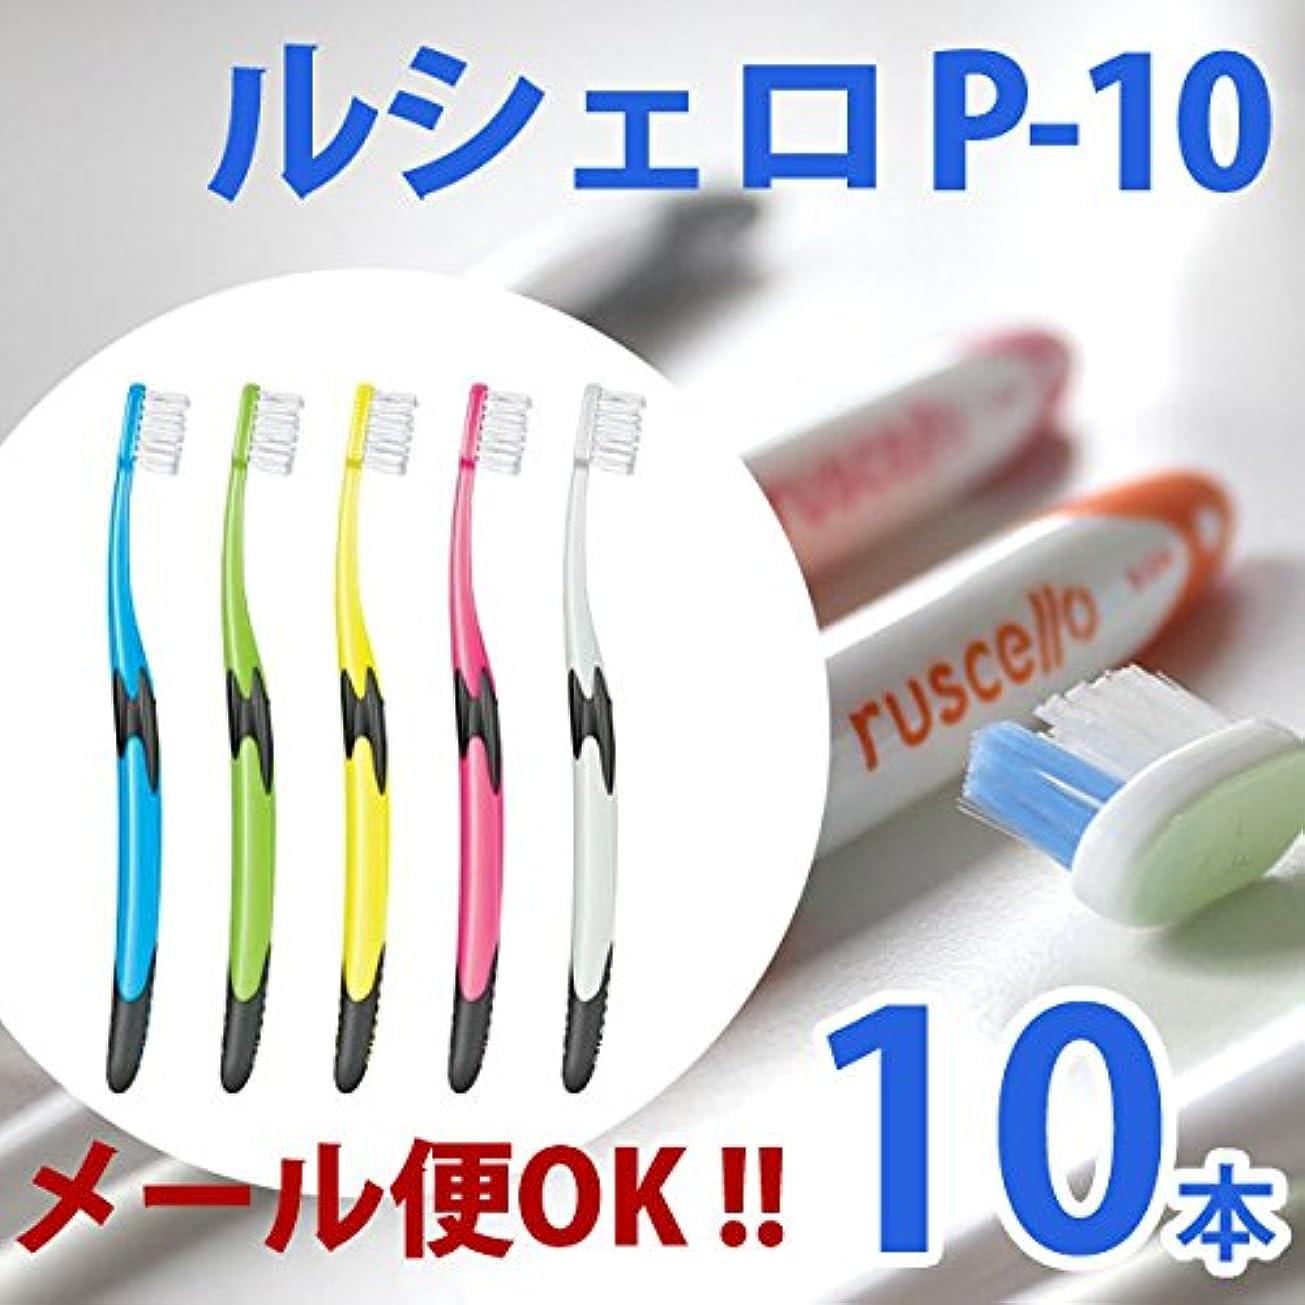 投資否定するキルトルシェロ GCシェロ 歯ブラシP-10 5色アソート 10本セット 歯周疾患の方向け。極細のテーパー毛が M